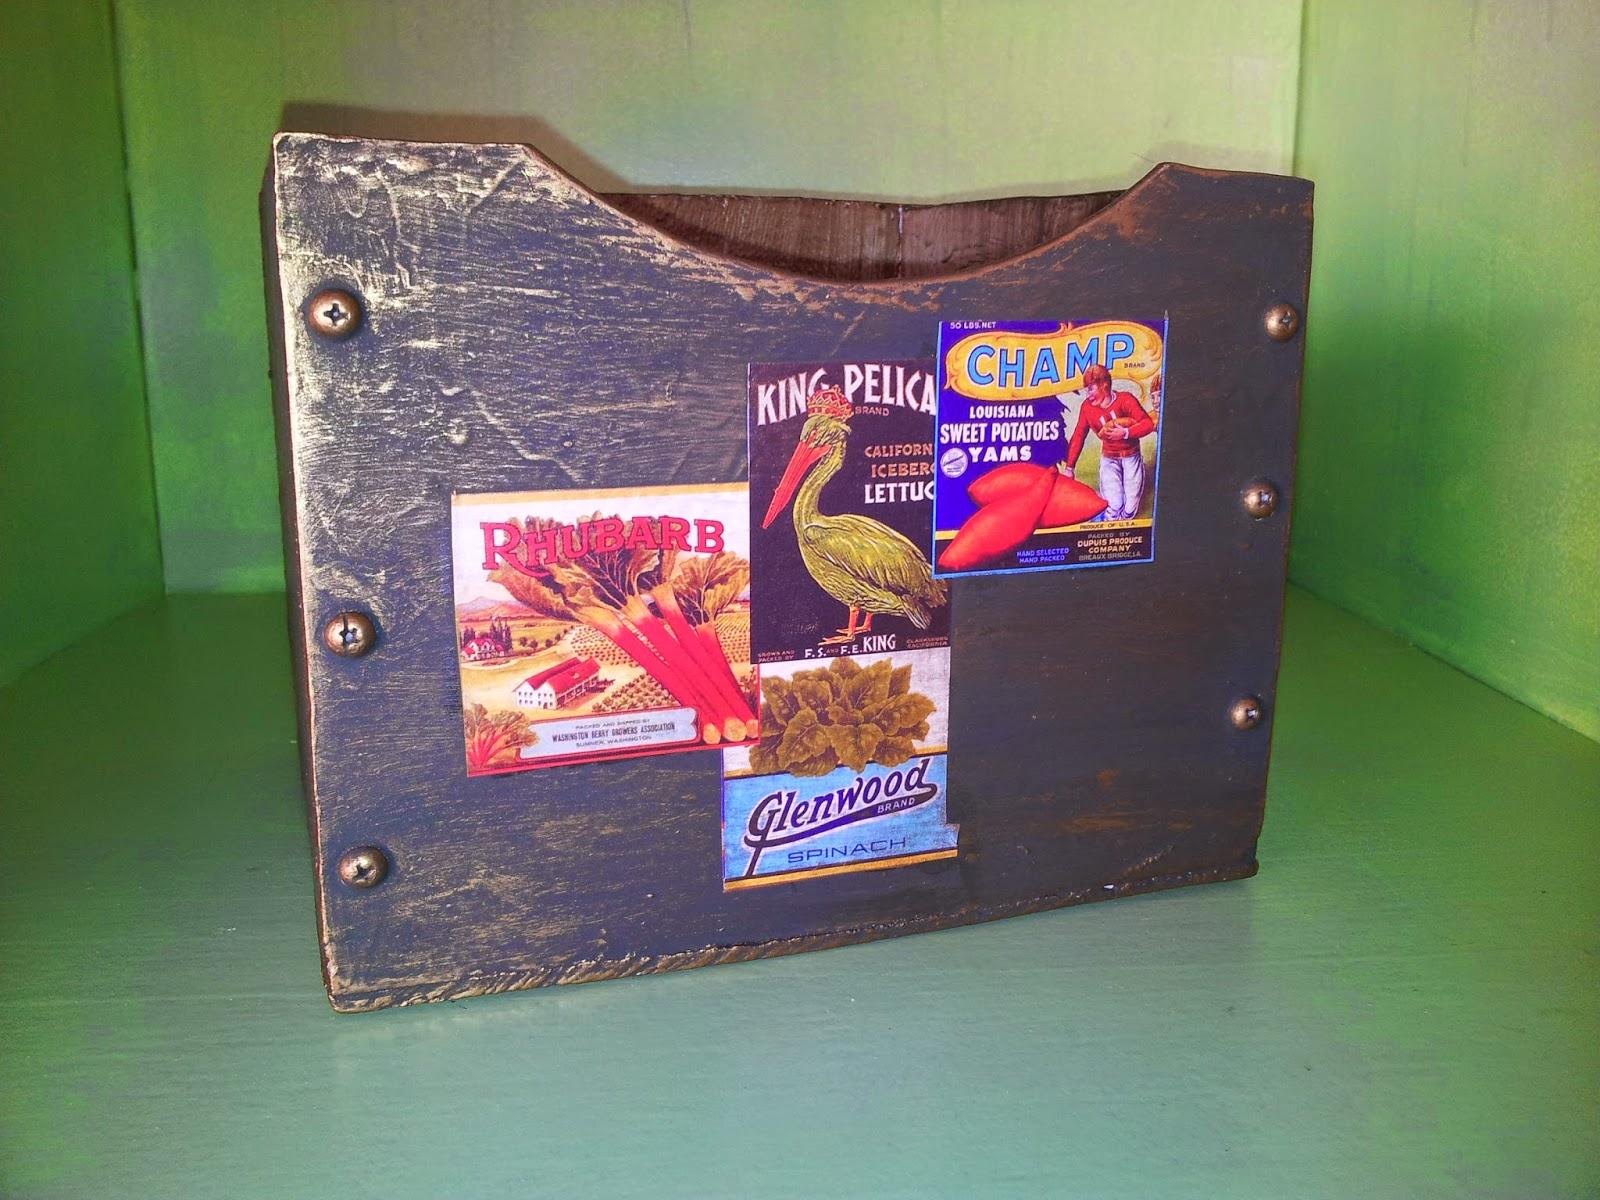 Madeira e outros objetos: Como decorar pequenas caixas de madeira #954336 1600x1200